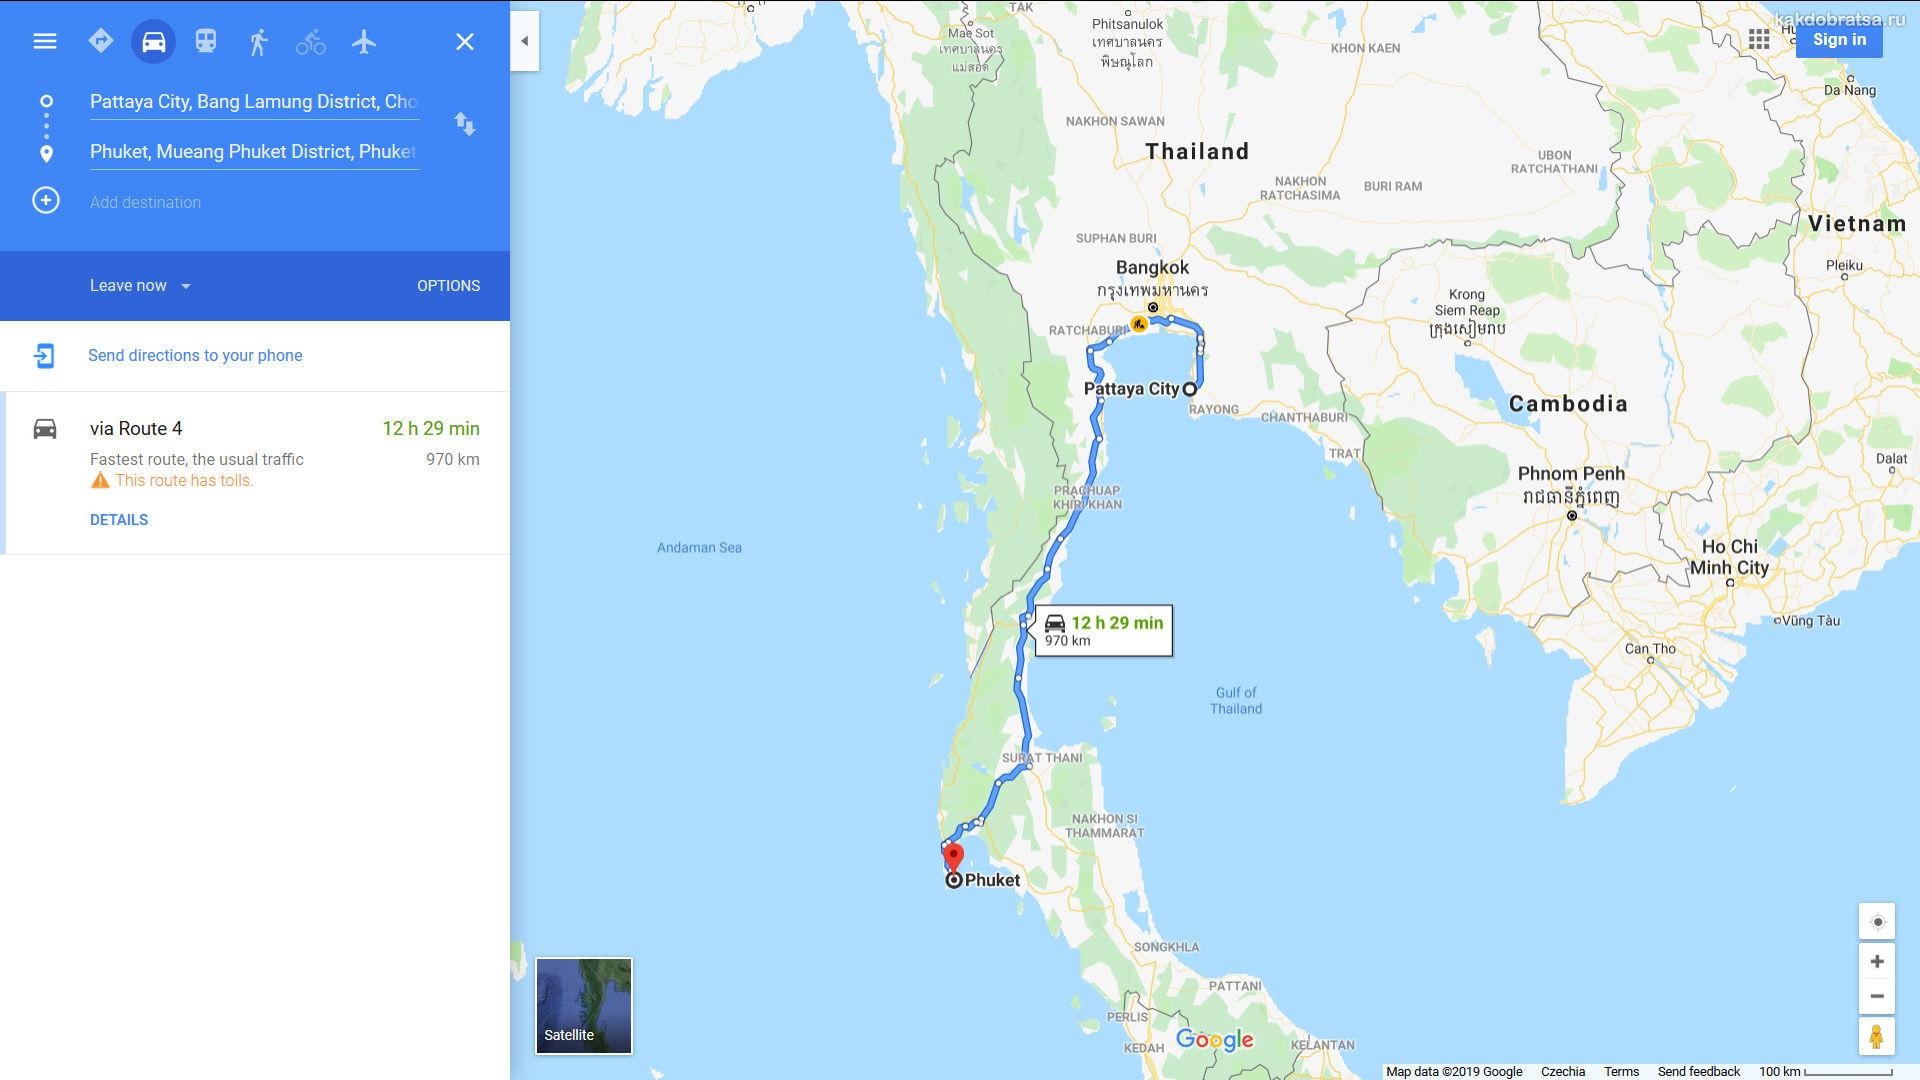 Как добраться из Паттайи до Пхукета карта время в пути